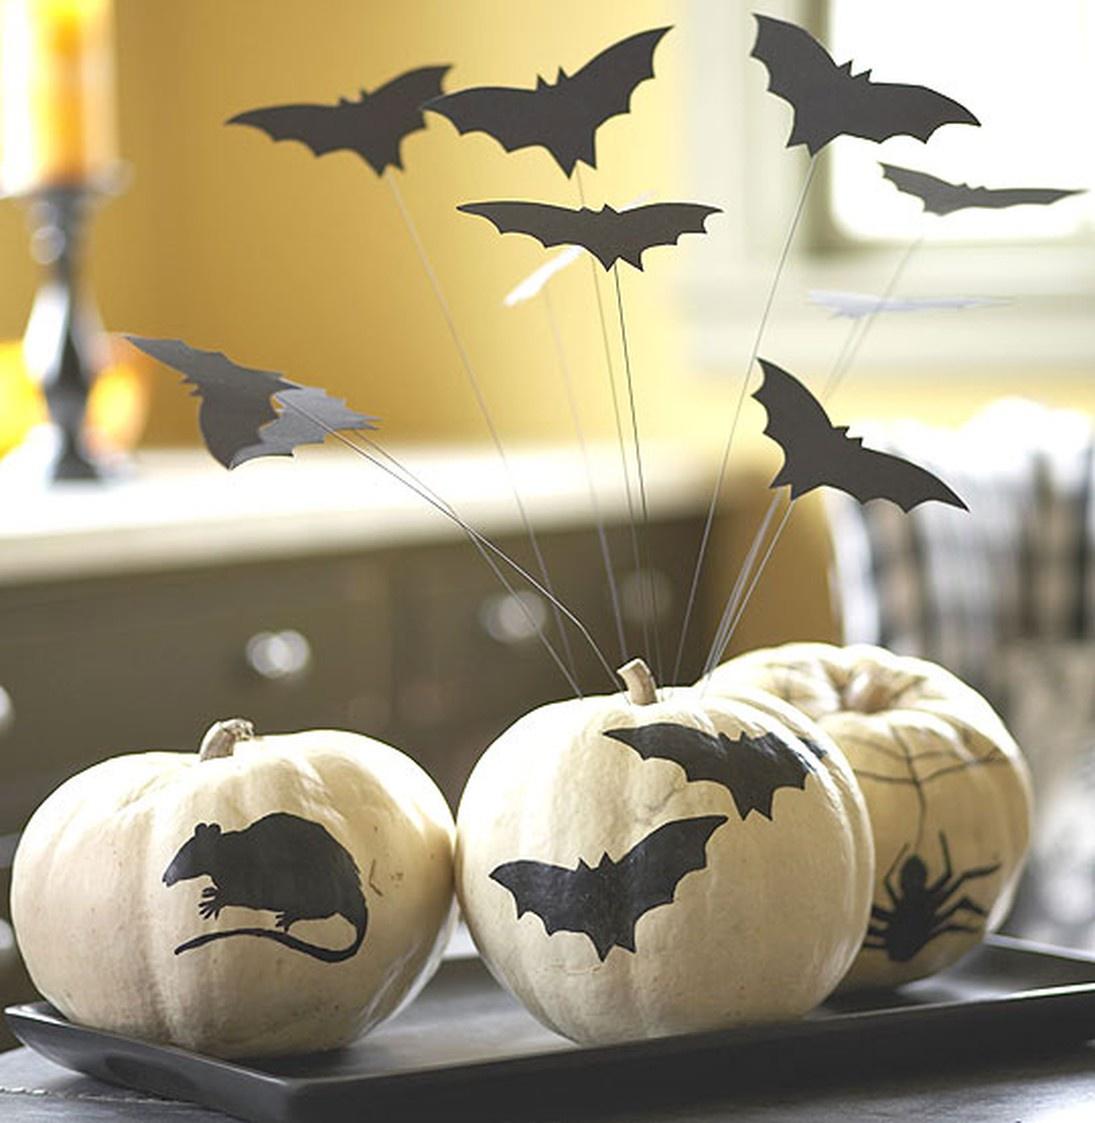 Оригинальный декор для вечеринки на Хэллоуин своими руками